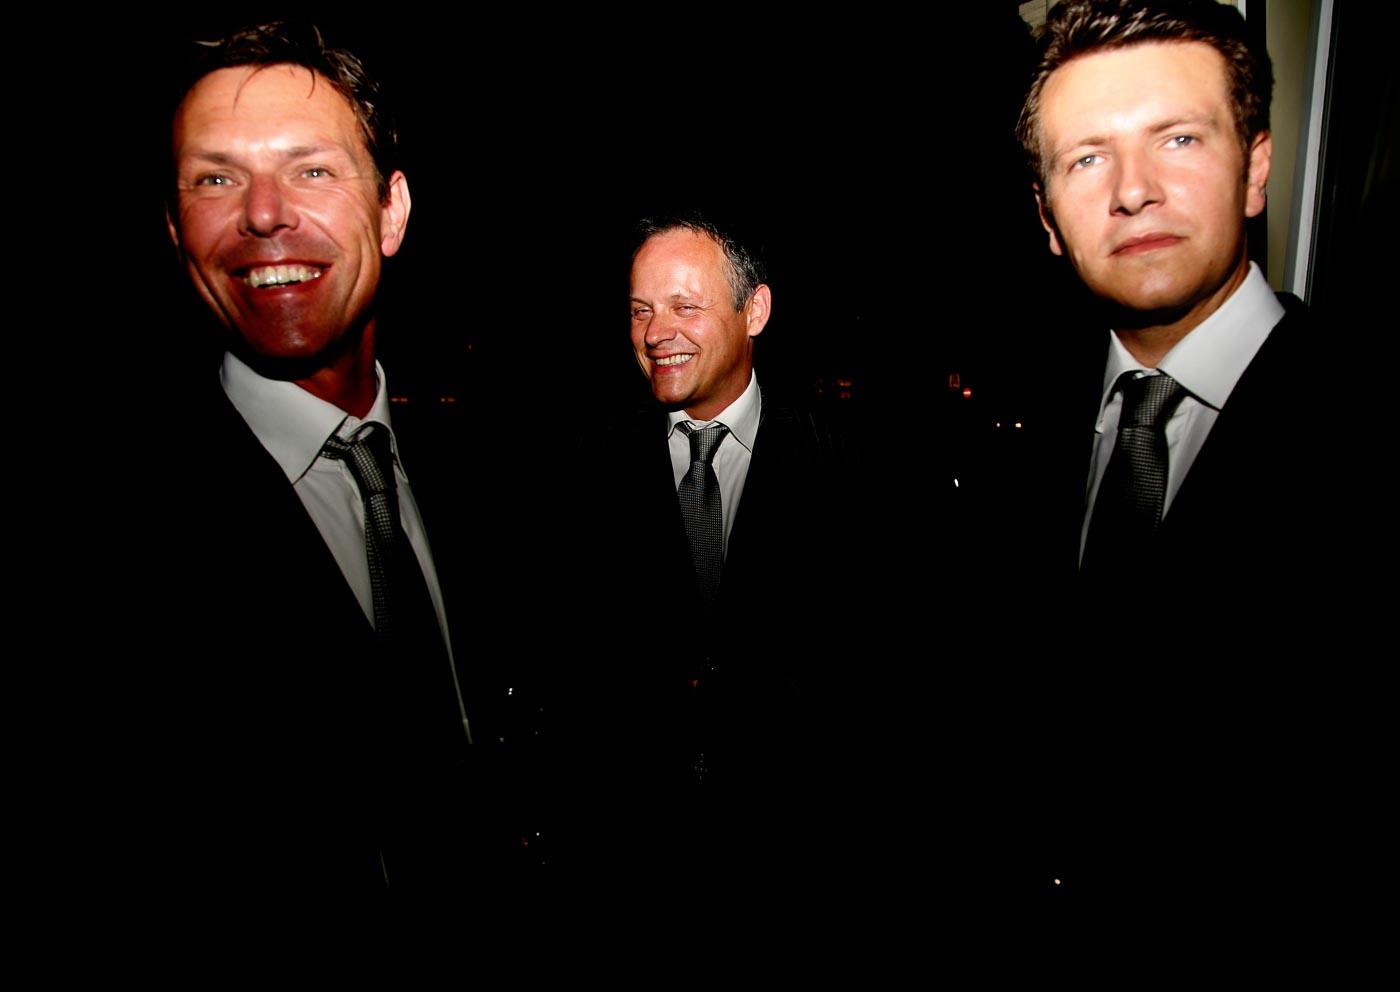 Drei Männer im Anzug Halbportrait